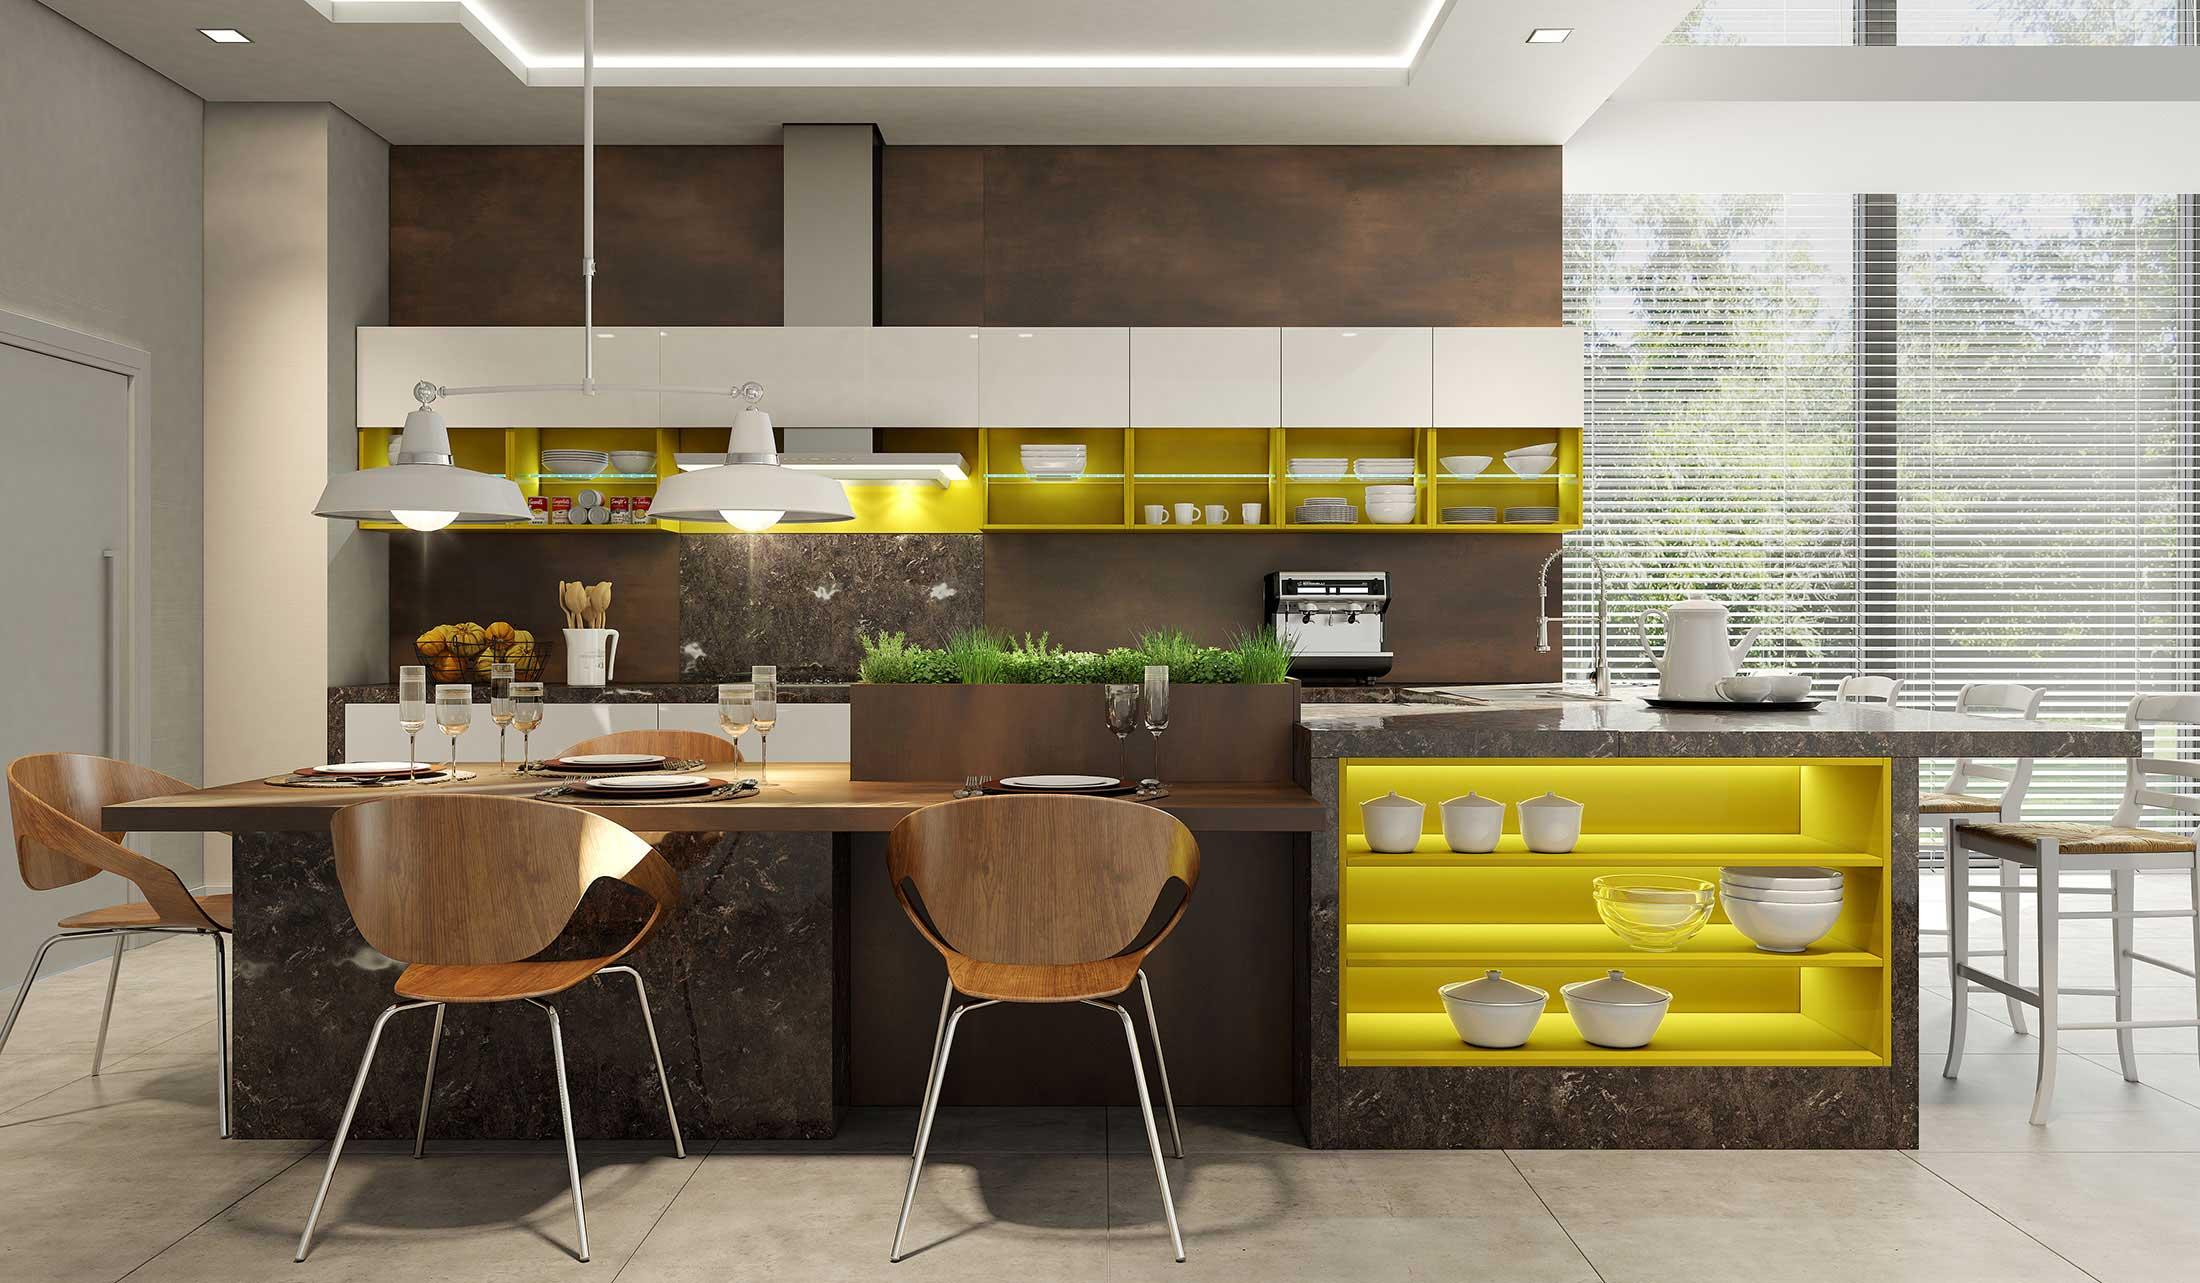 Cozinha Gourmet Comer Biblos Planejados Promocional Pronta